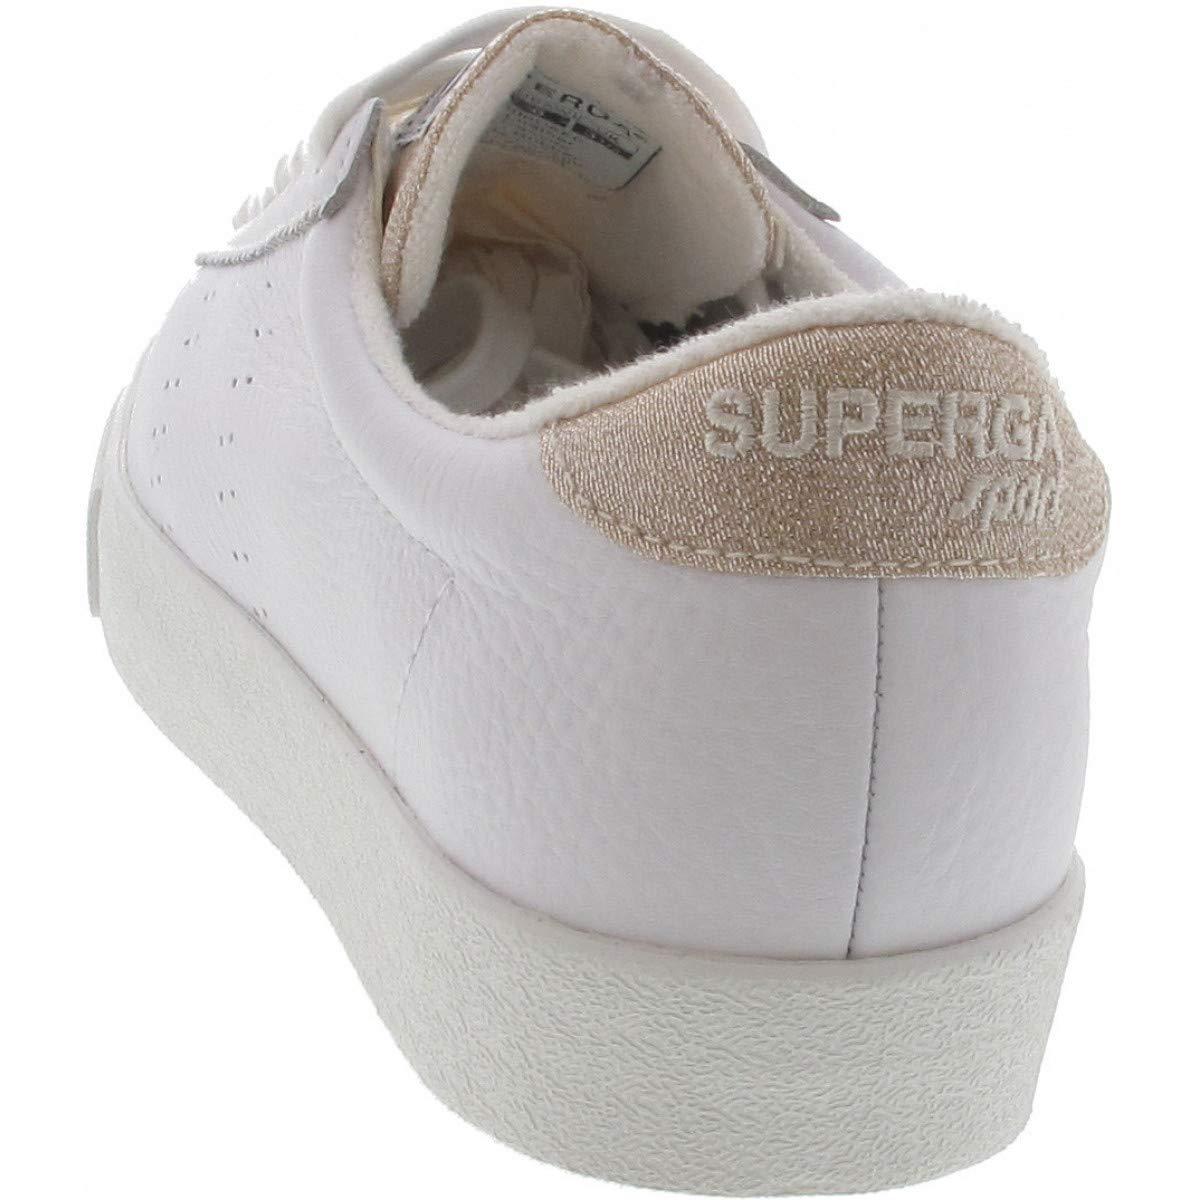 Superga Comflealame Comflealame Comflealame Turnschuhe Schuh Unisex S00C4F0 b9adfa